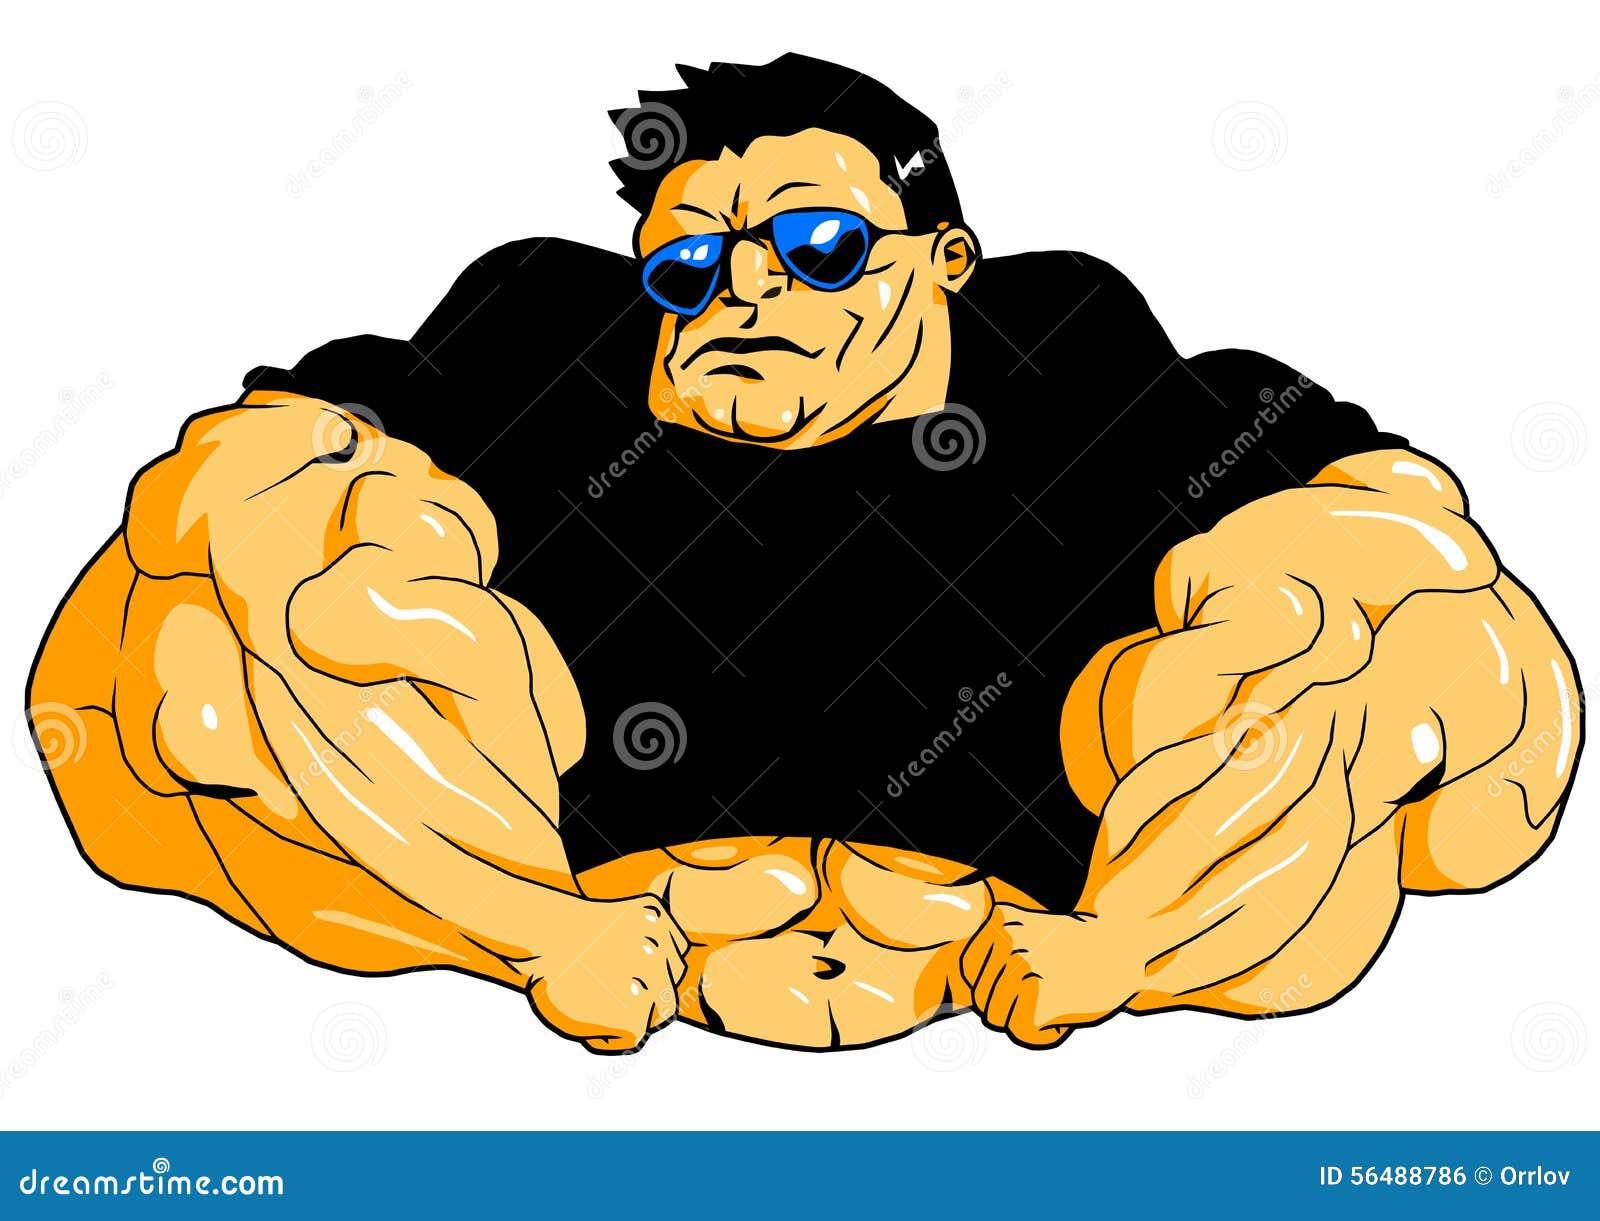 超级肌肉爱好健美者,例证,颜色,商标,在白色.图片